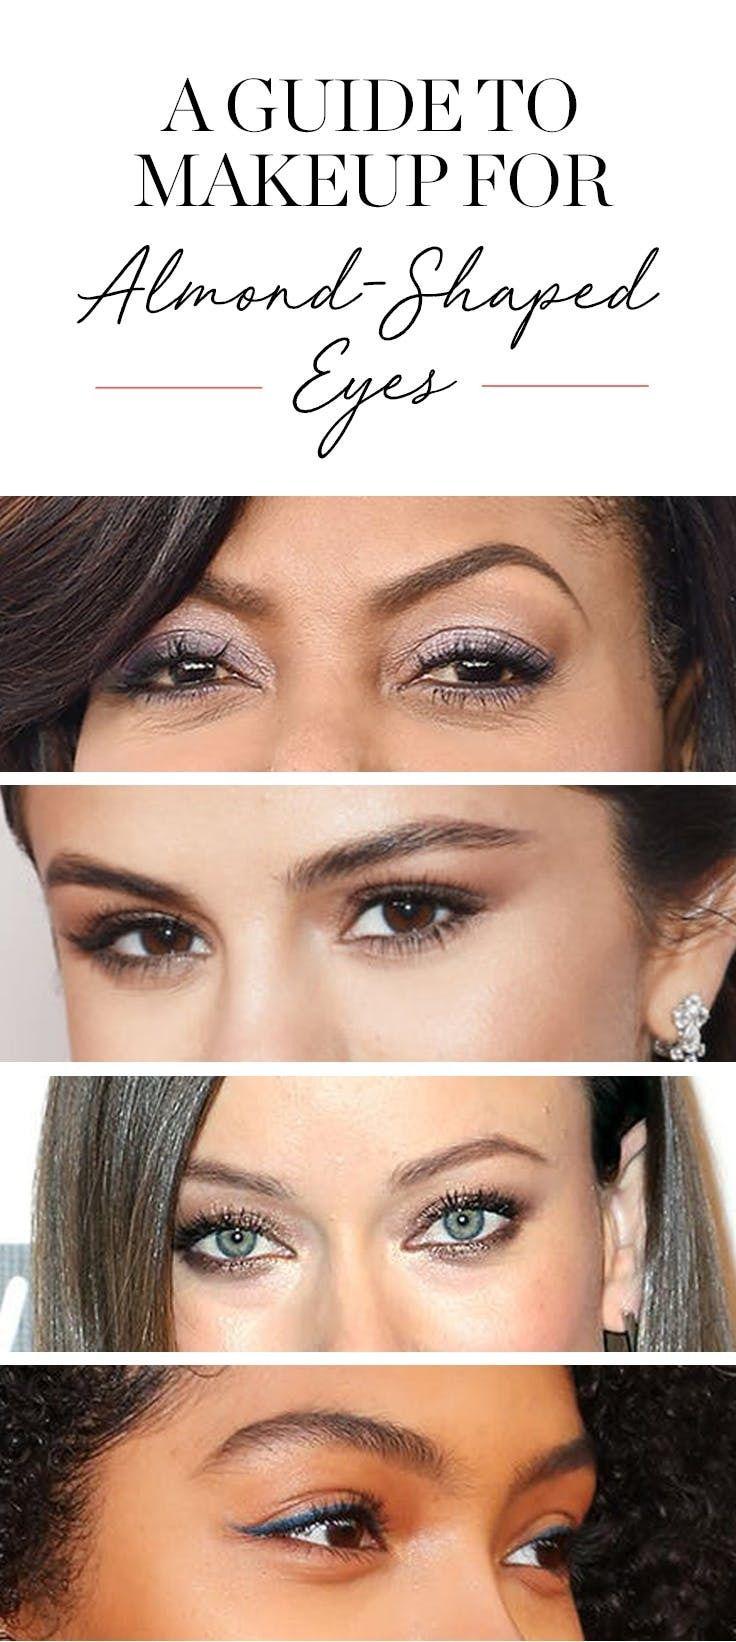 Makeup tricks for almond eyes  Almond shaped eyes, Eye makeup